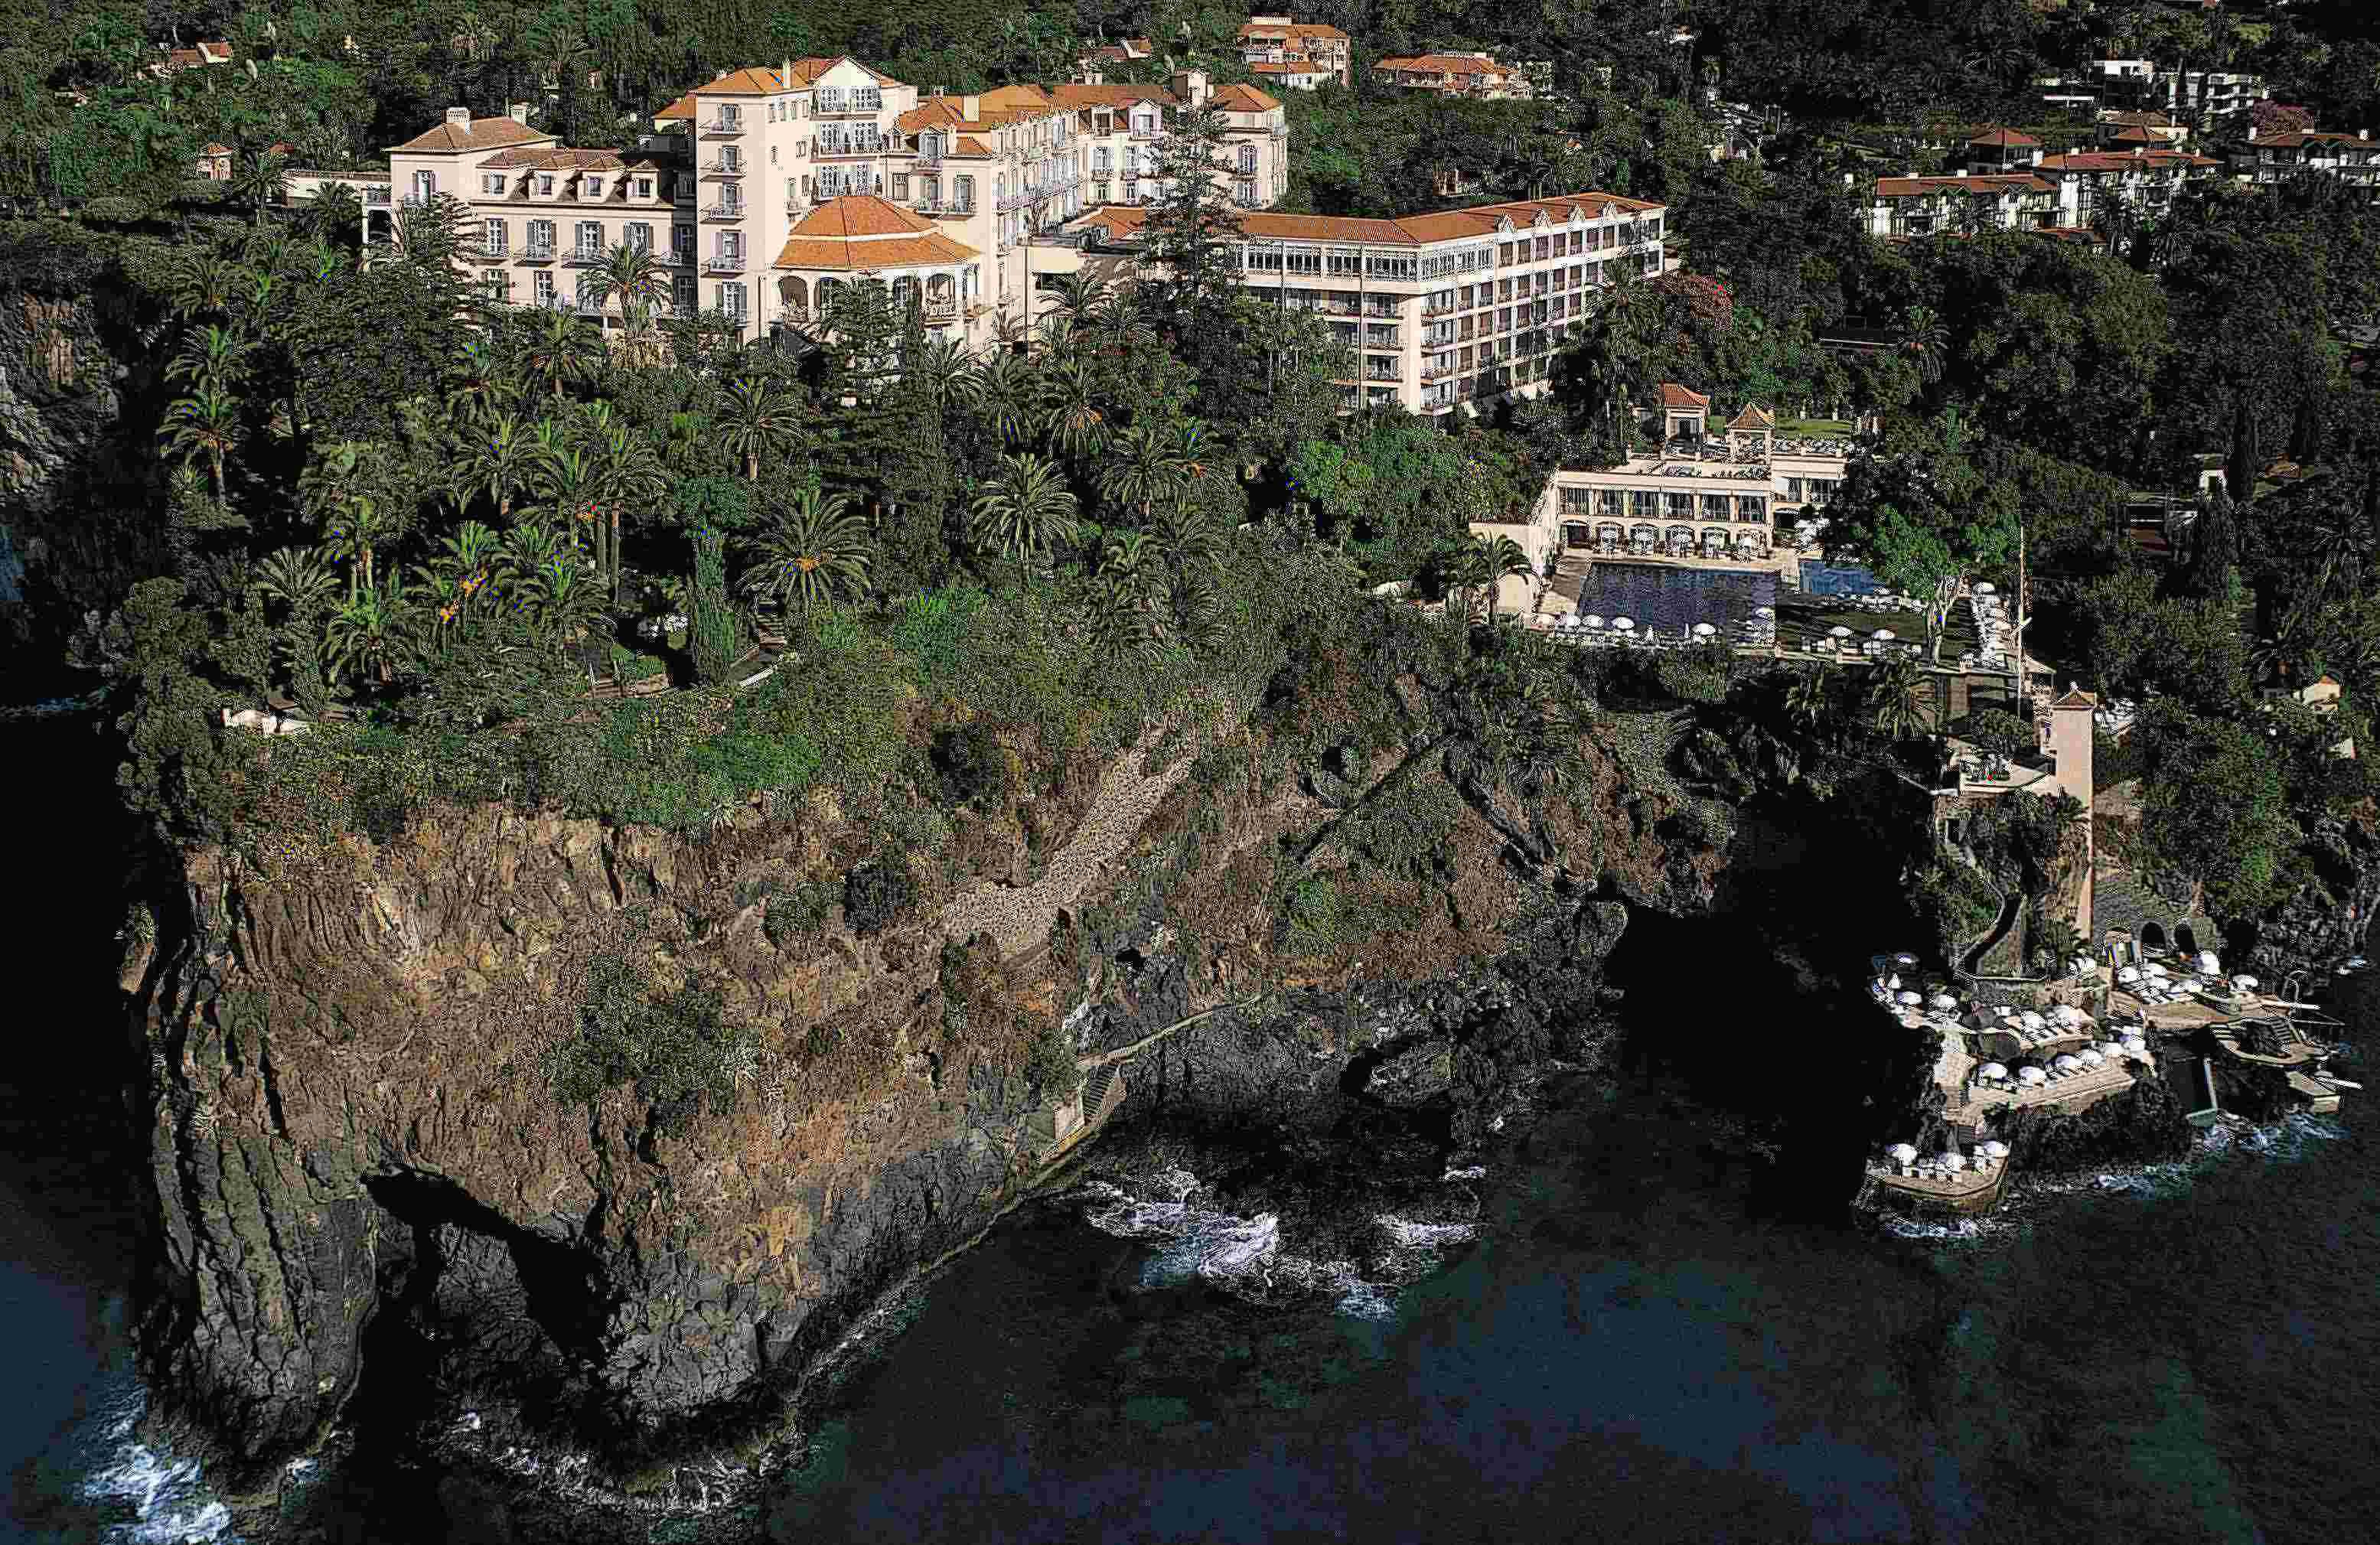 Schöne Aussichten – Reid's Palace in Funchal auf Madeira